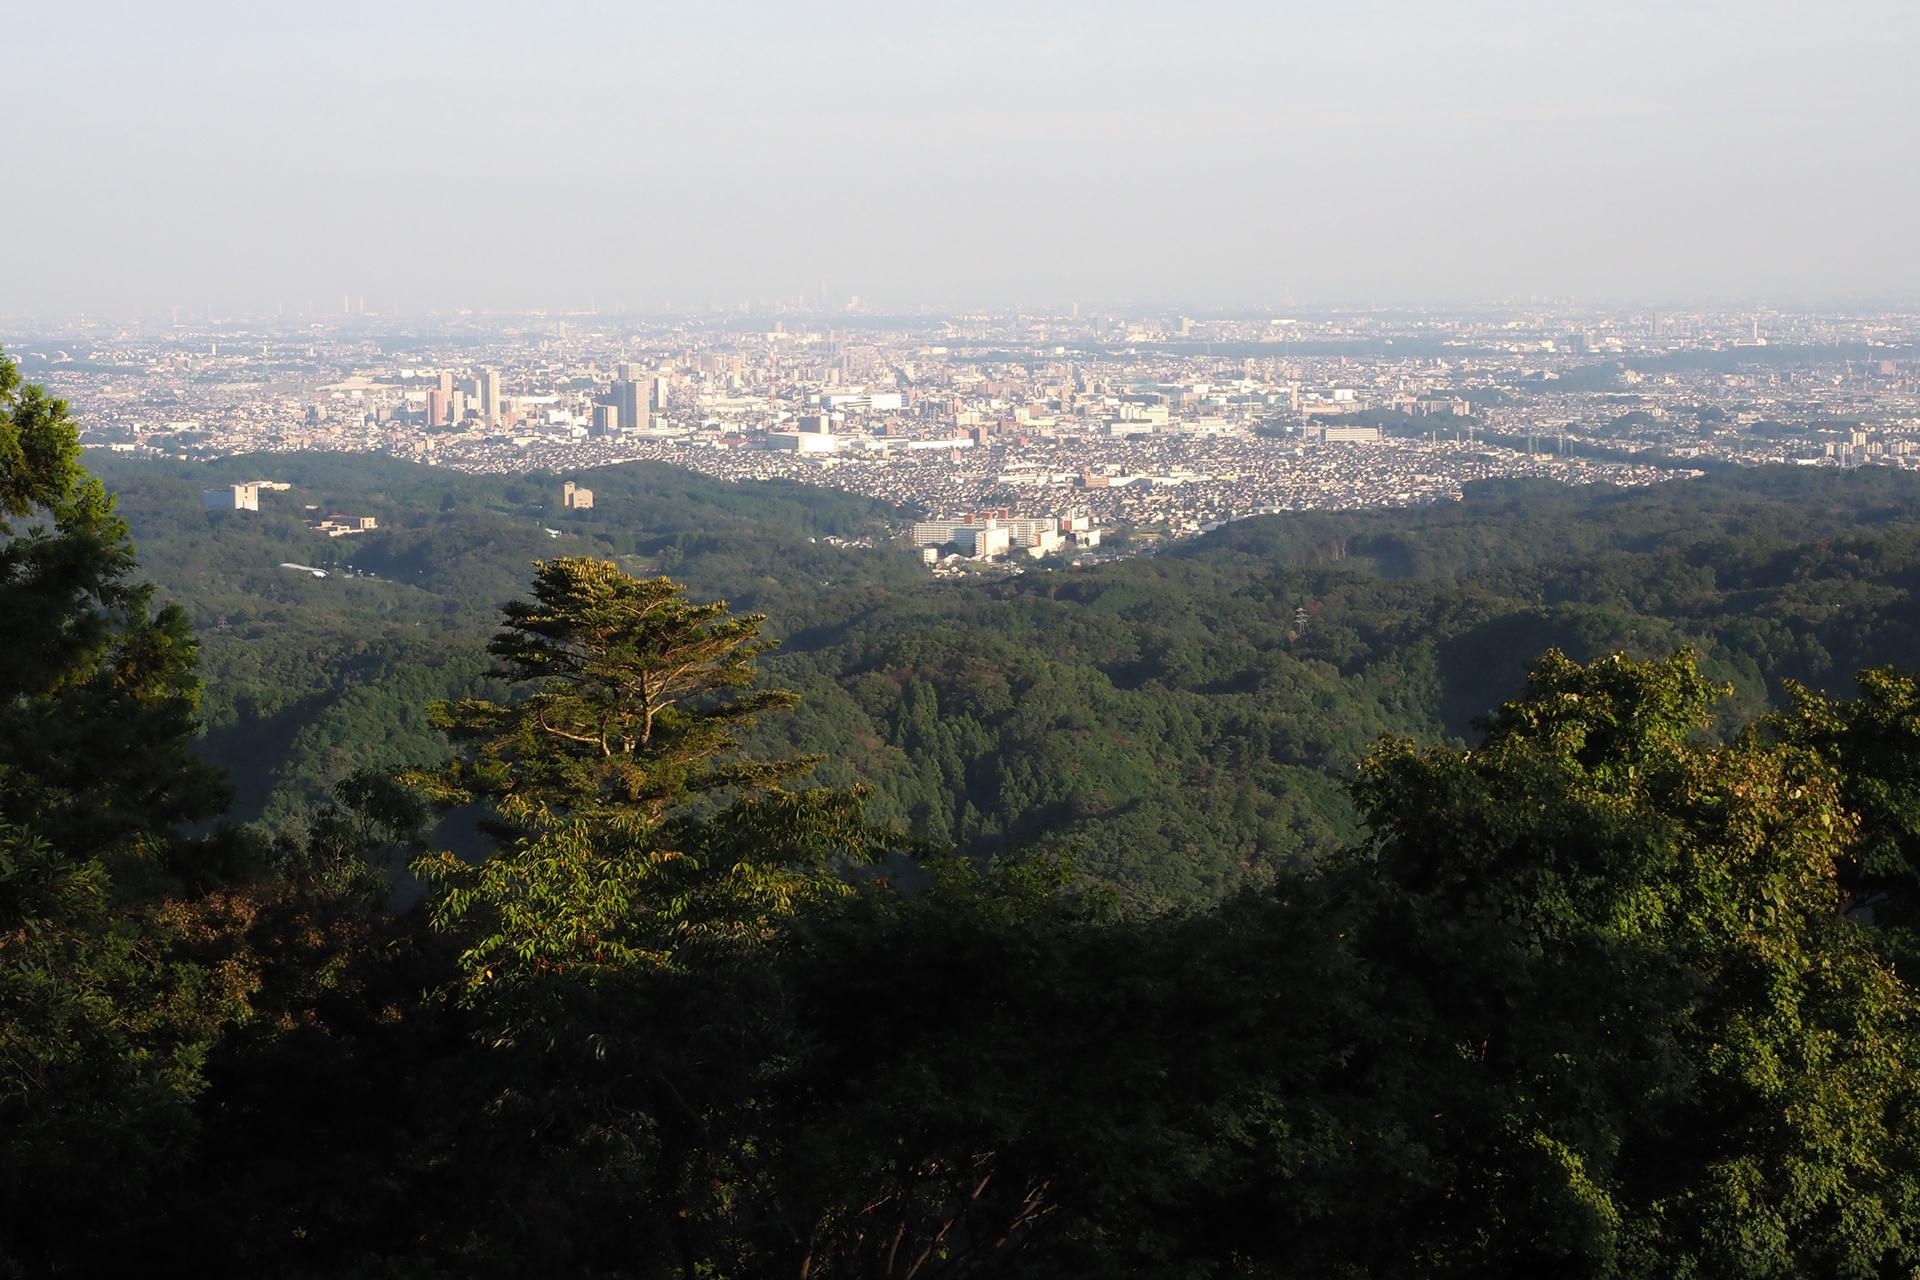 13-1 ビギナーにもおすすめ!日帰りでも楽しめる関東の絶景登山・ハイキングスポット10選